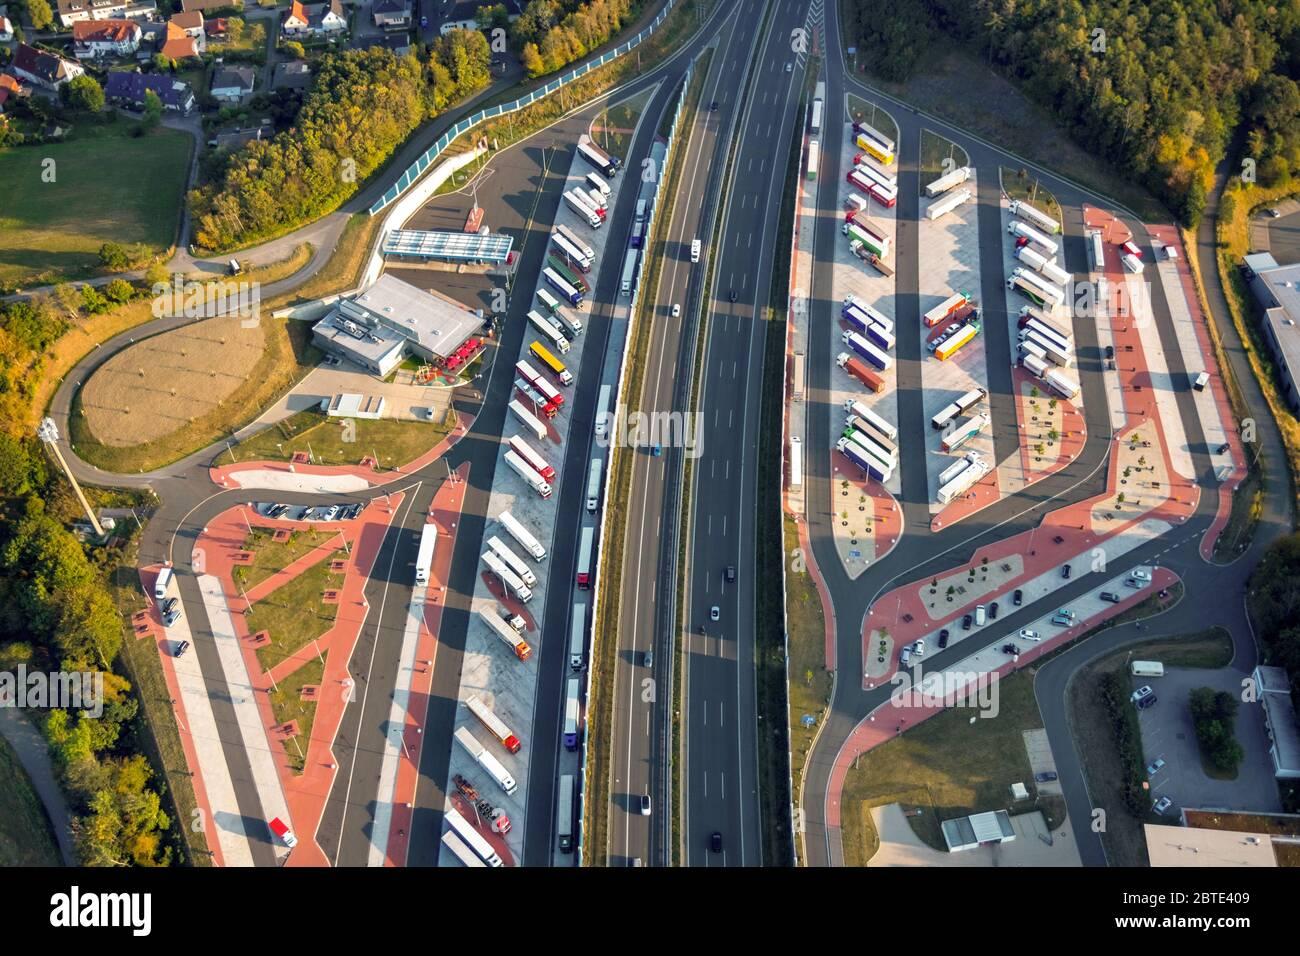 autobahn rest areas Sauerland West and Sauerland Ost on the motorway A 45, 30.08.2019, aerial view, Germany, North Rhine-Westphalia, Luedenscheid, Luedenscheid Stock Photo